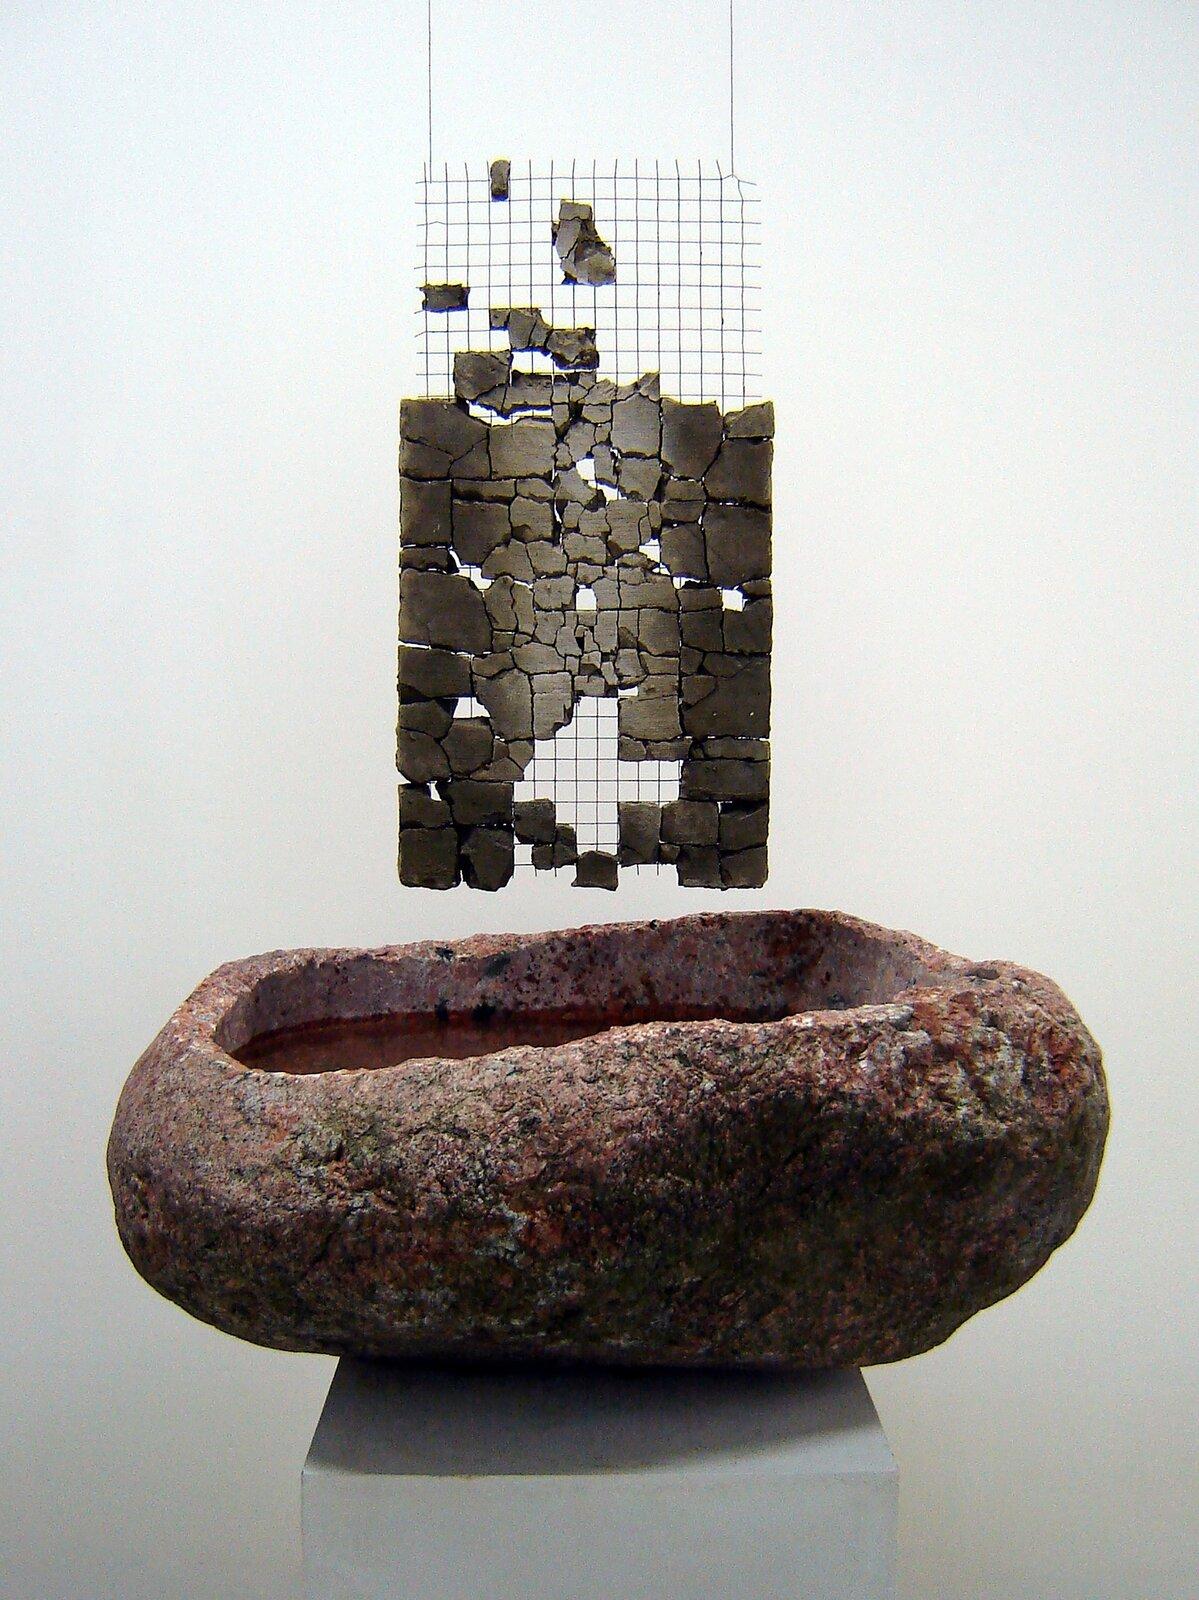 """Ilustracja przedstawia rzeźbę """"Źródło IV"""" autorstwa Macieja Wierzbickiego. Na zdjęciu ukazany jest nieregularny, czerwonawy, szorstki kamień zgranitu oobłym kształcie, wktórego wyżłobionym wnętrzu znajduje się woda. Nad jej taflą zwisa prostokątna, stalowa siatka zumieszczoną na niej płaszczyzną pokruszonej, szarej gliny. Obiekt ustawiony jest na jasno-szarym, sześciennym postumencie. Tło stanowi biała przestrzeń."""